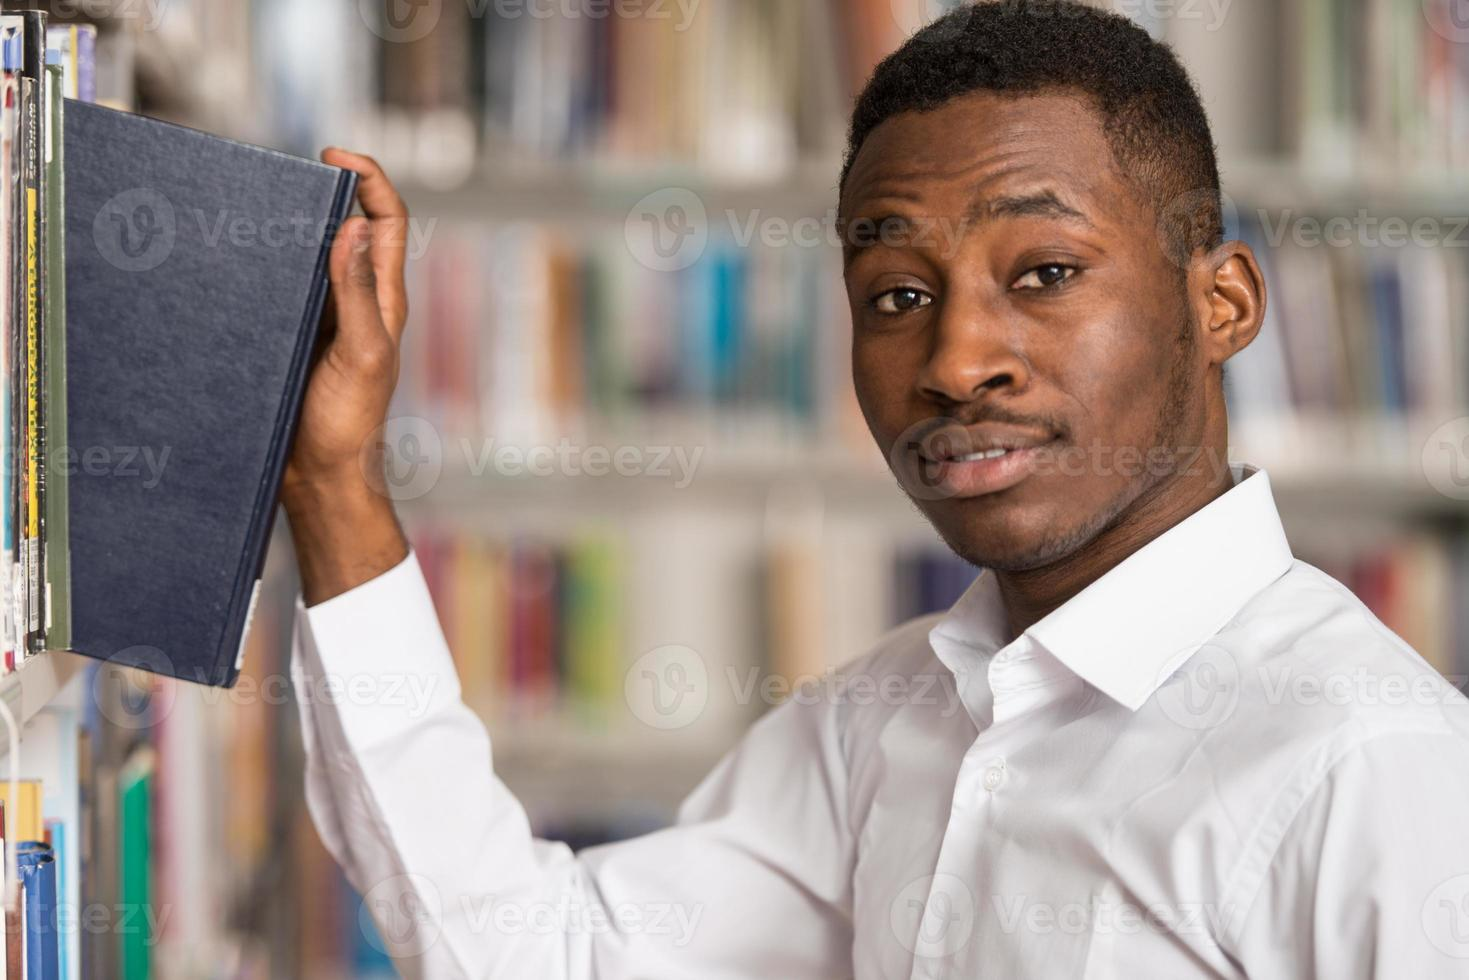 portrait d'un étudiant dans une bibliothèque photo